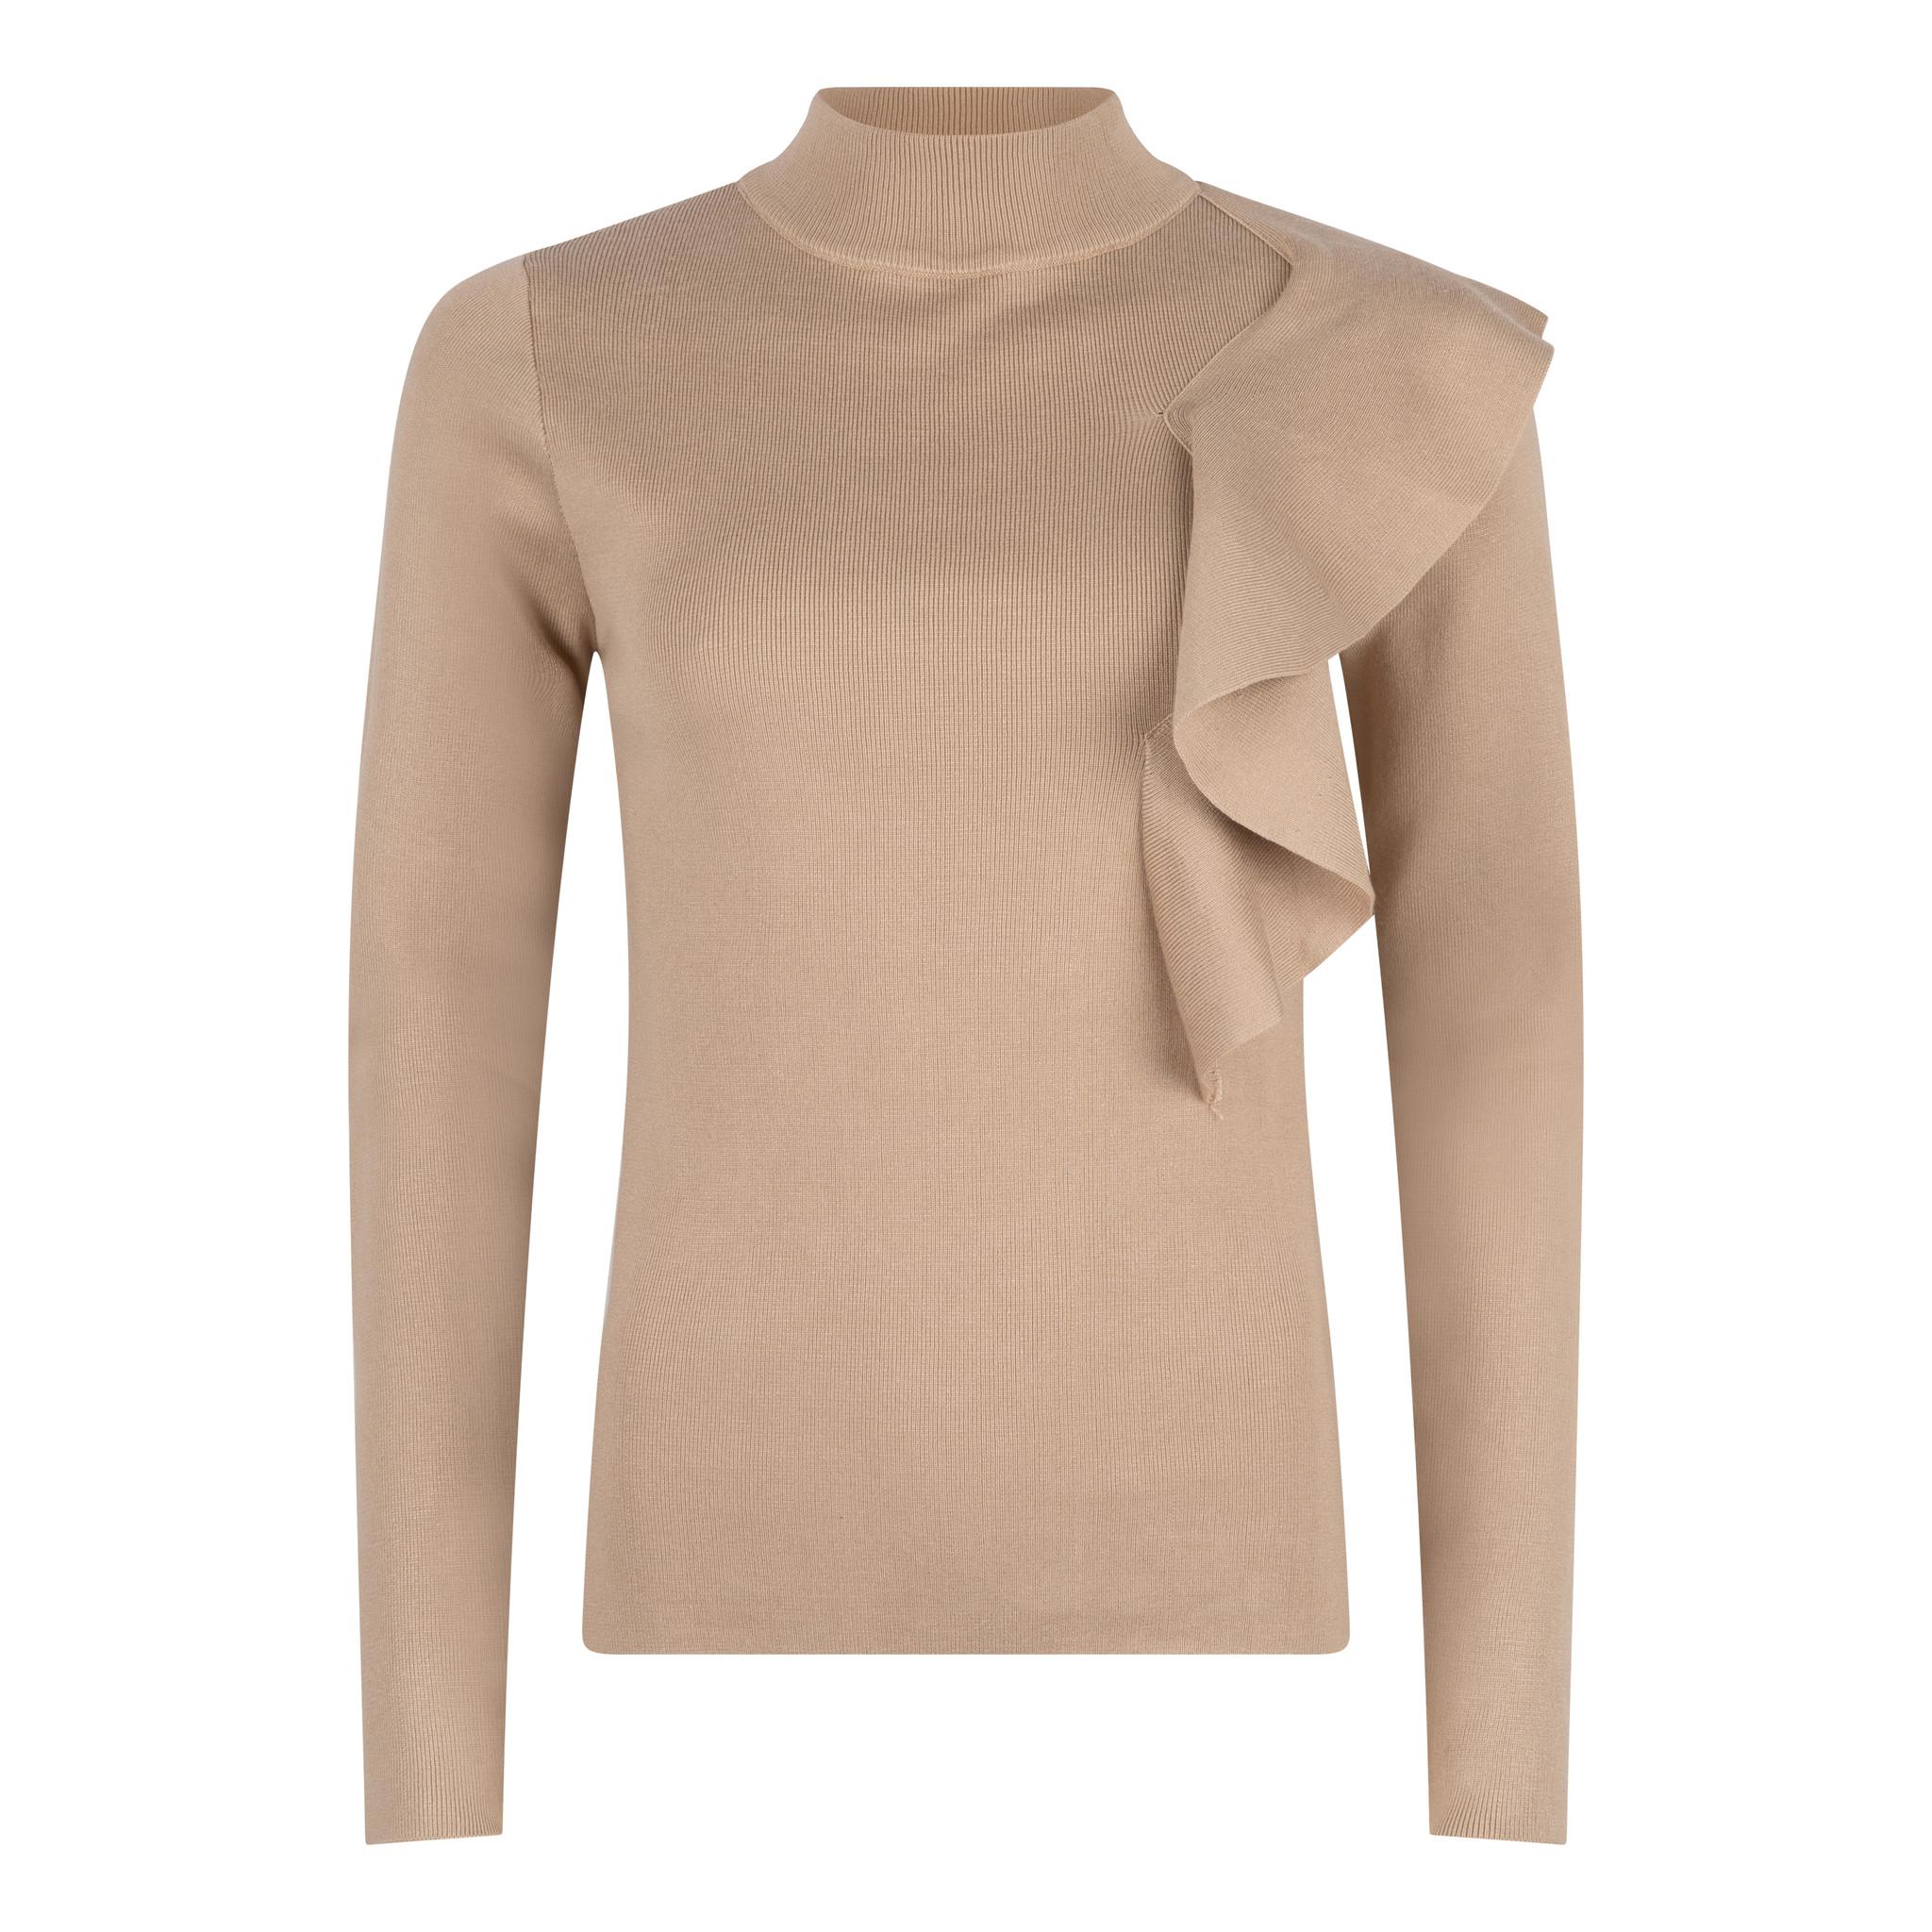 Lofty Manner Beige Sweater Gigi